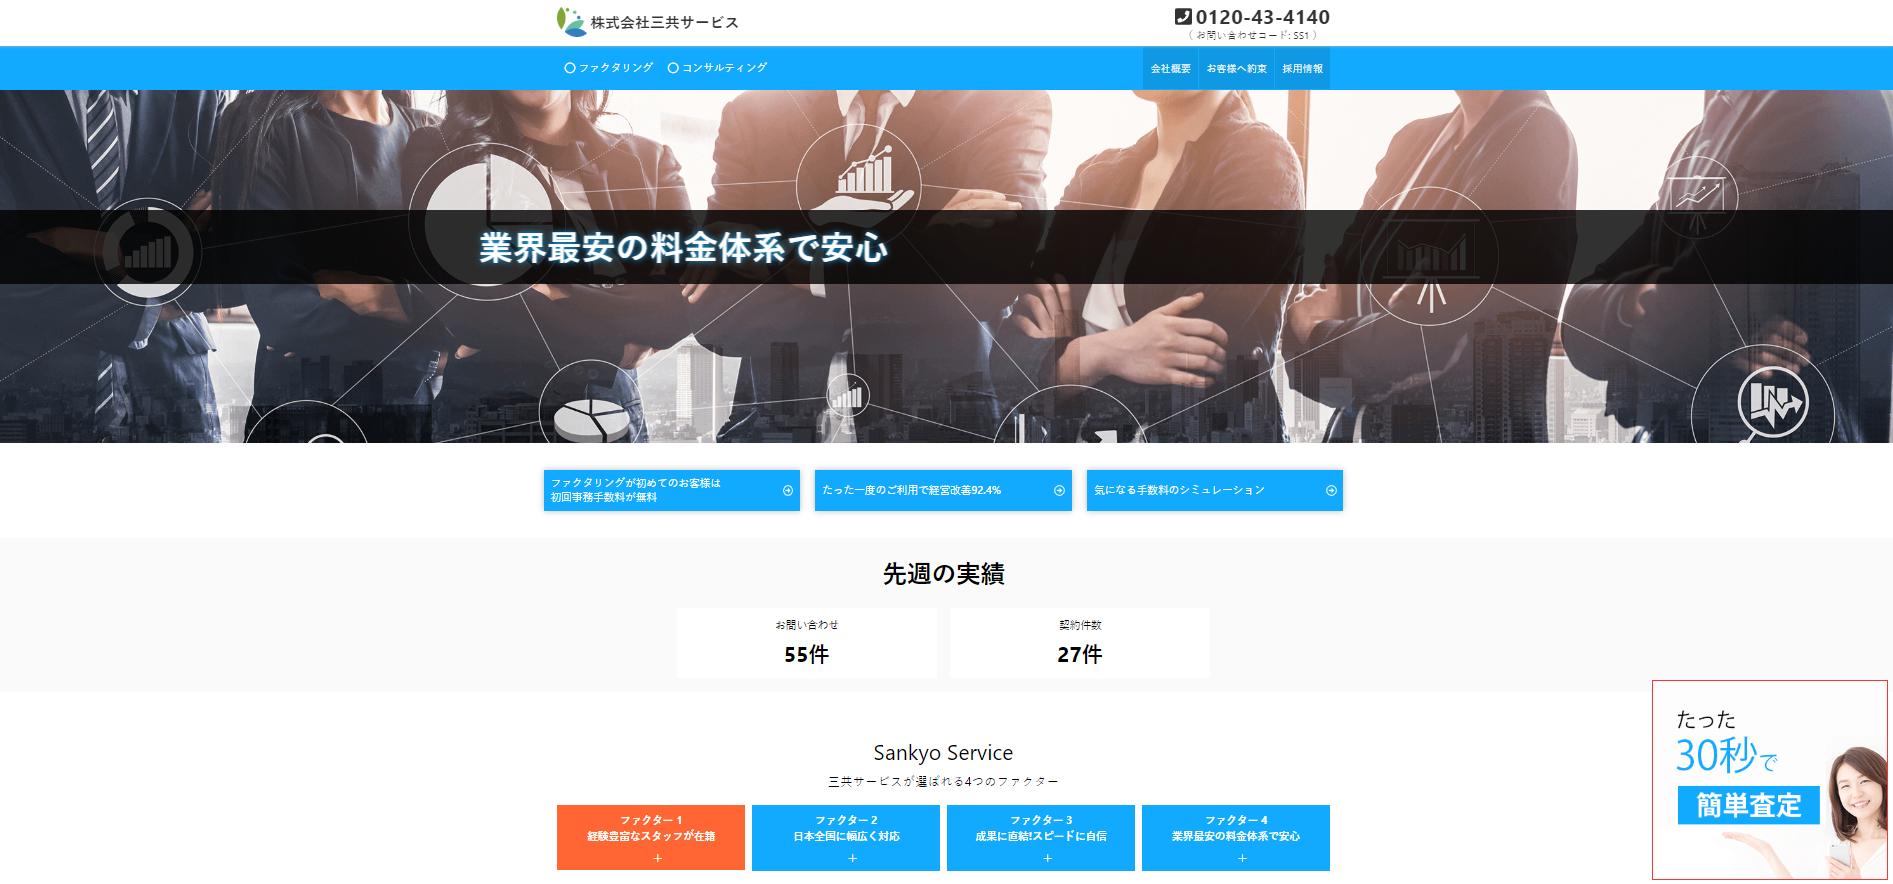 三共サービス ファクタリング会社イメージ最新